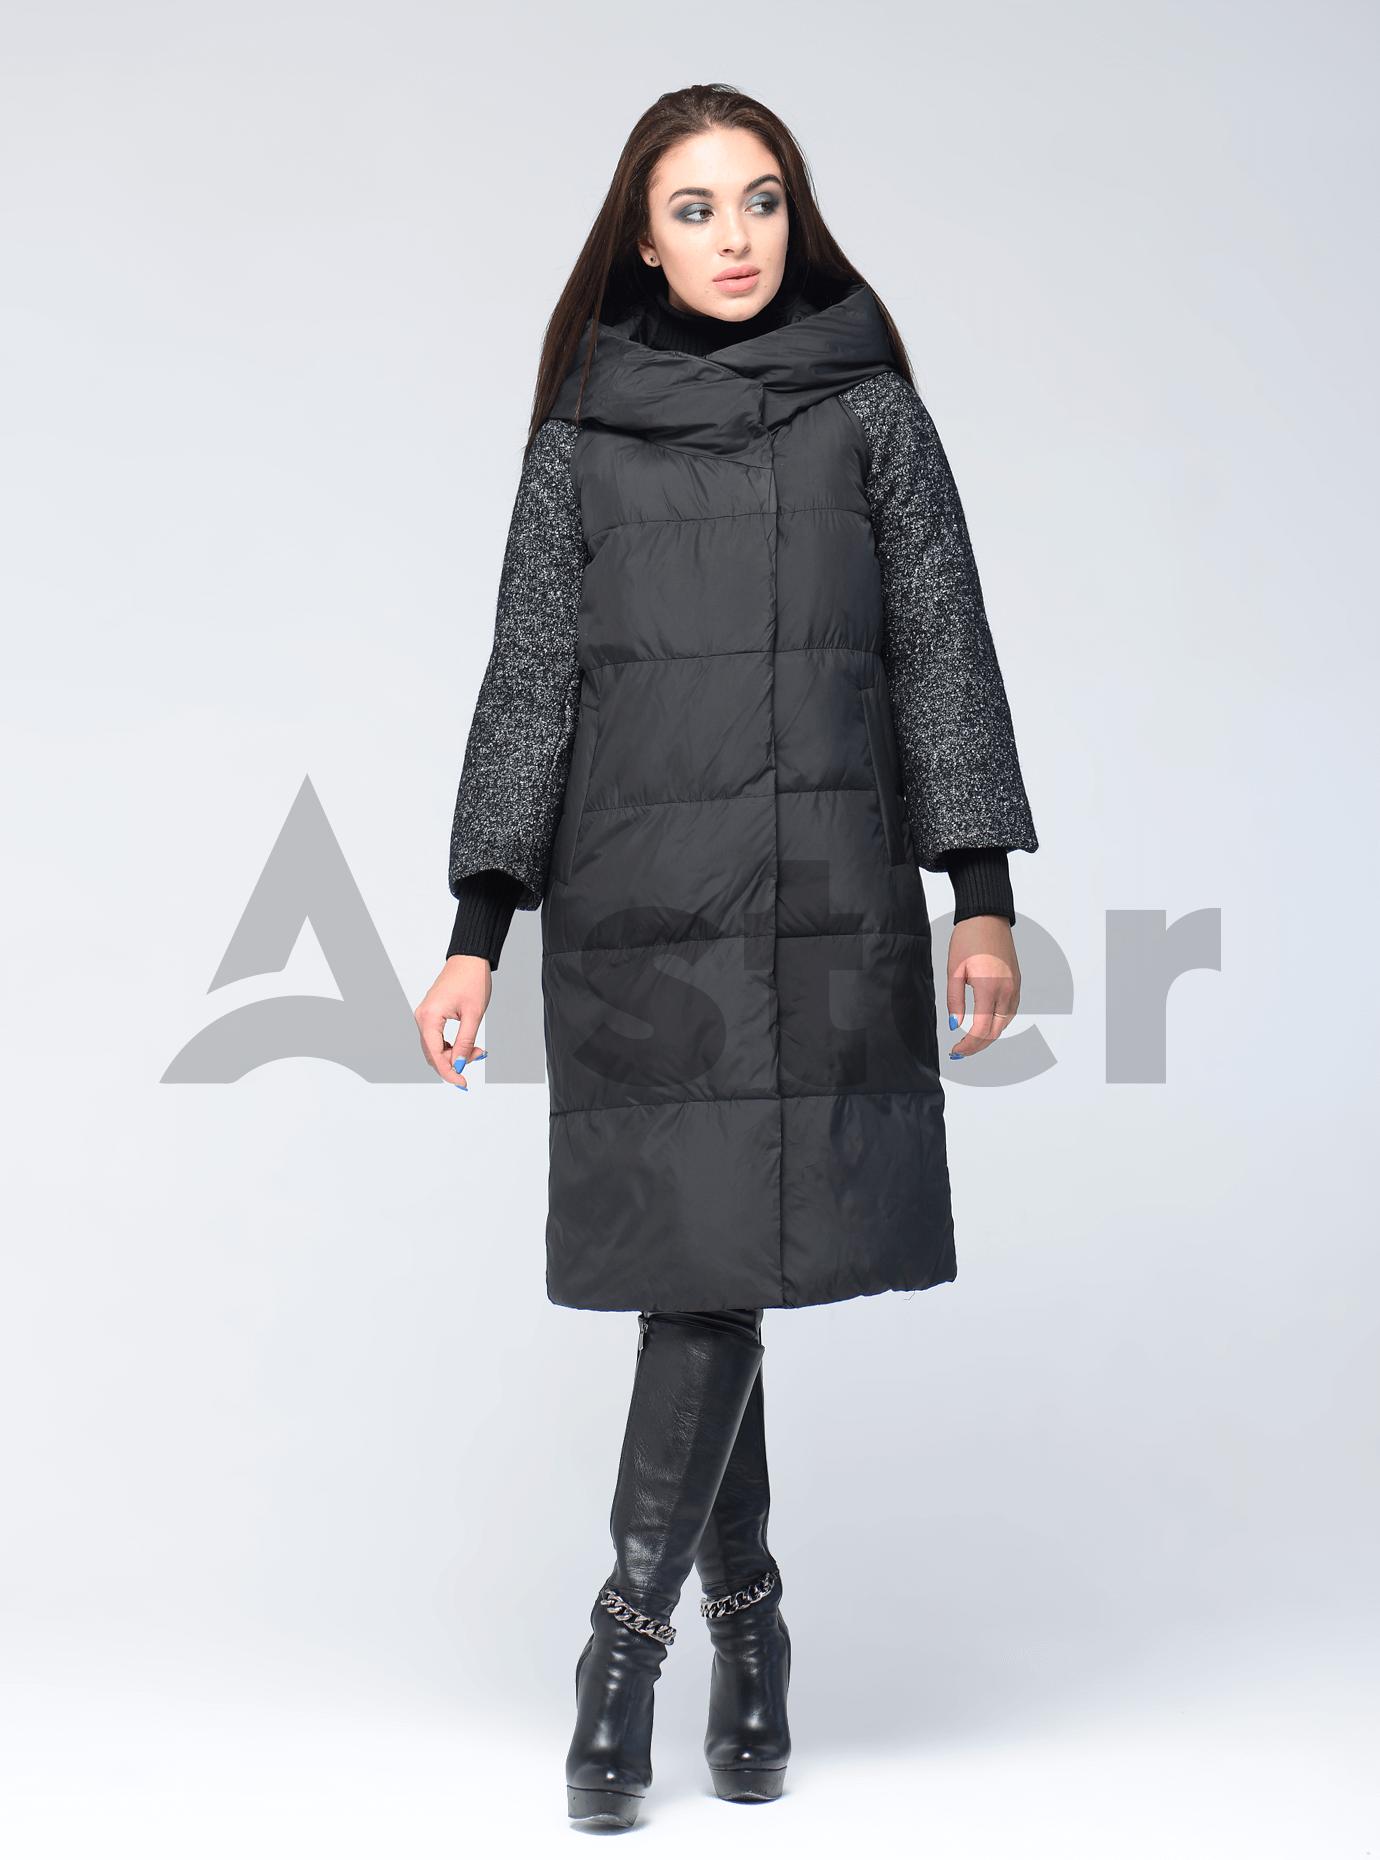 Куртка женская зимняя с текстильными манжетами Чёрный S (05-AB9111): фото - Alster.ua